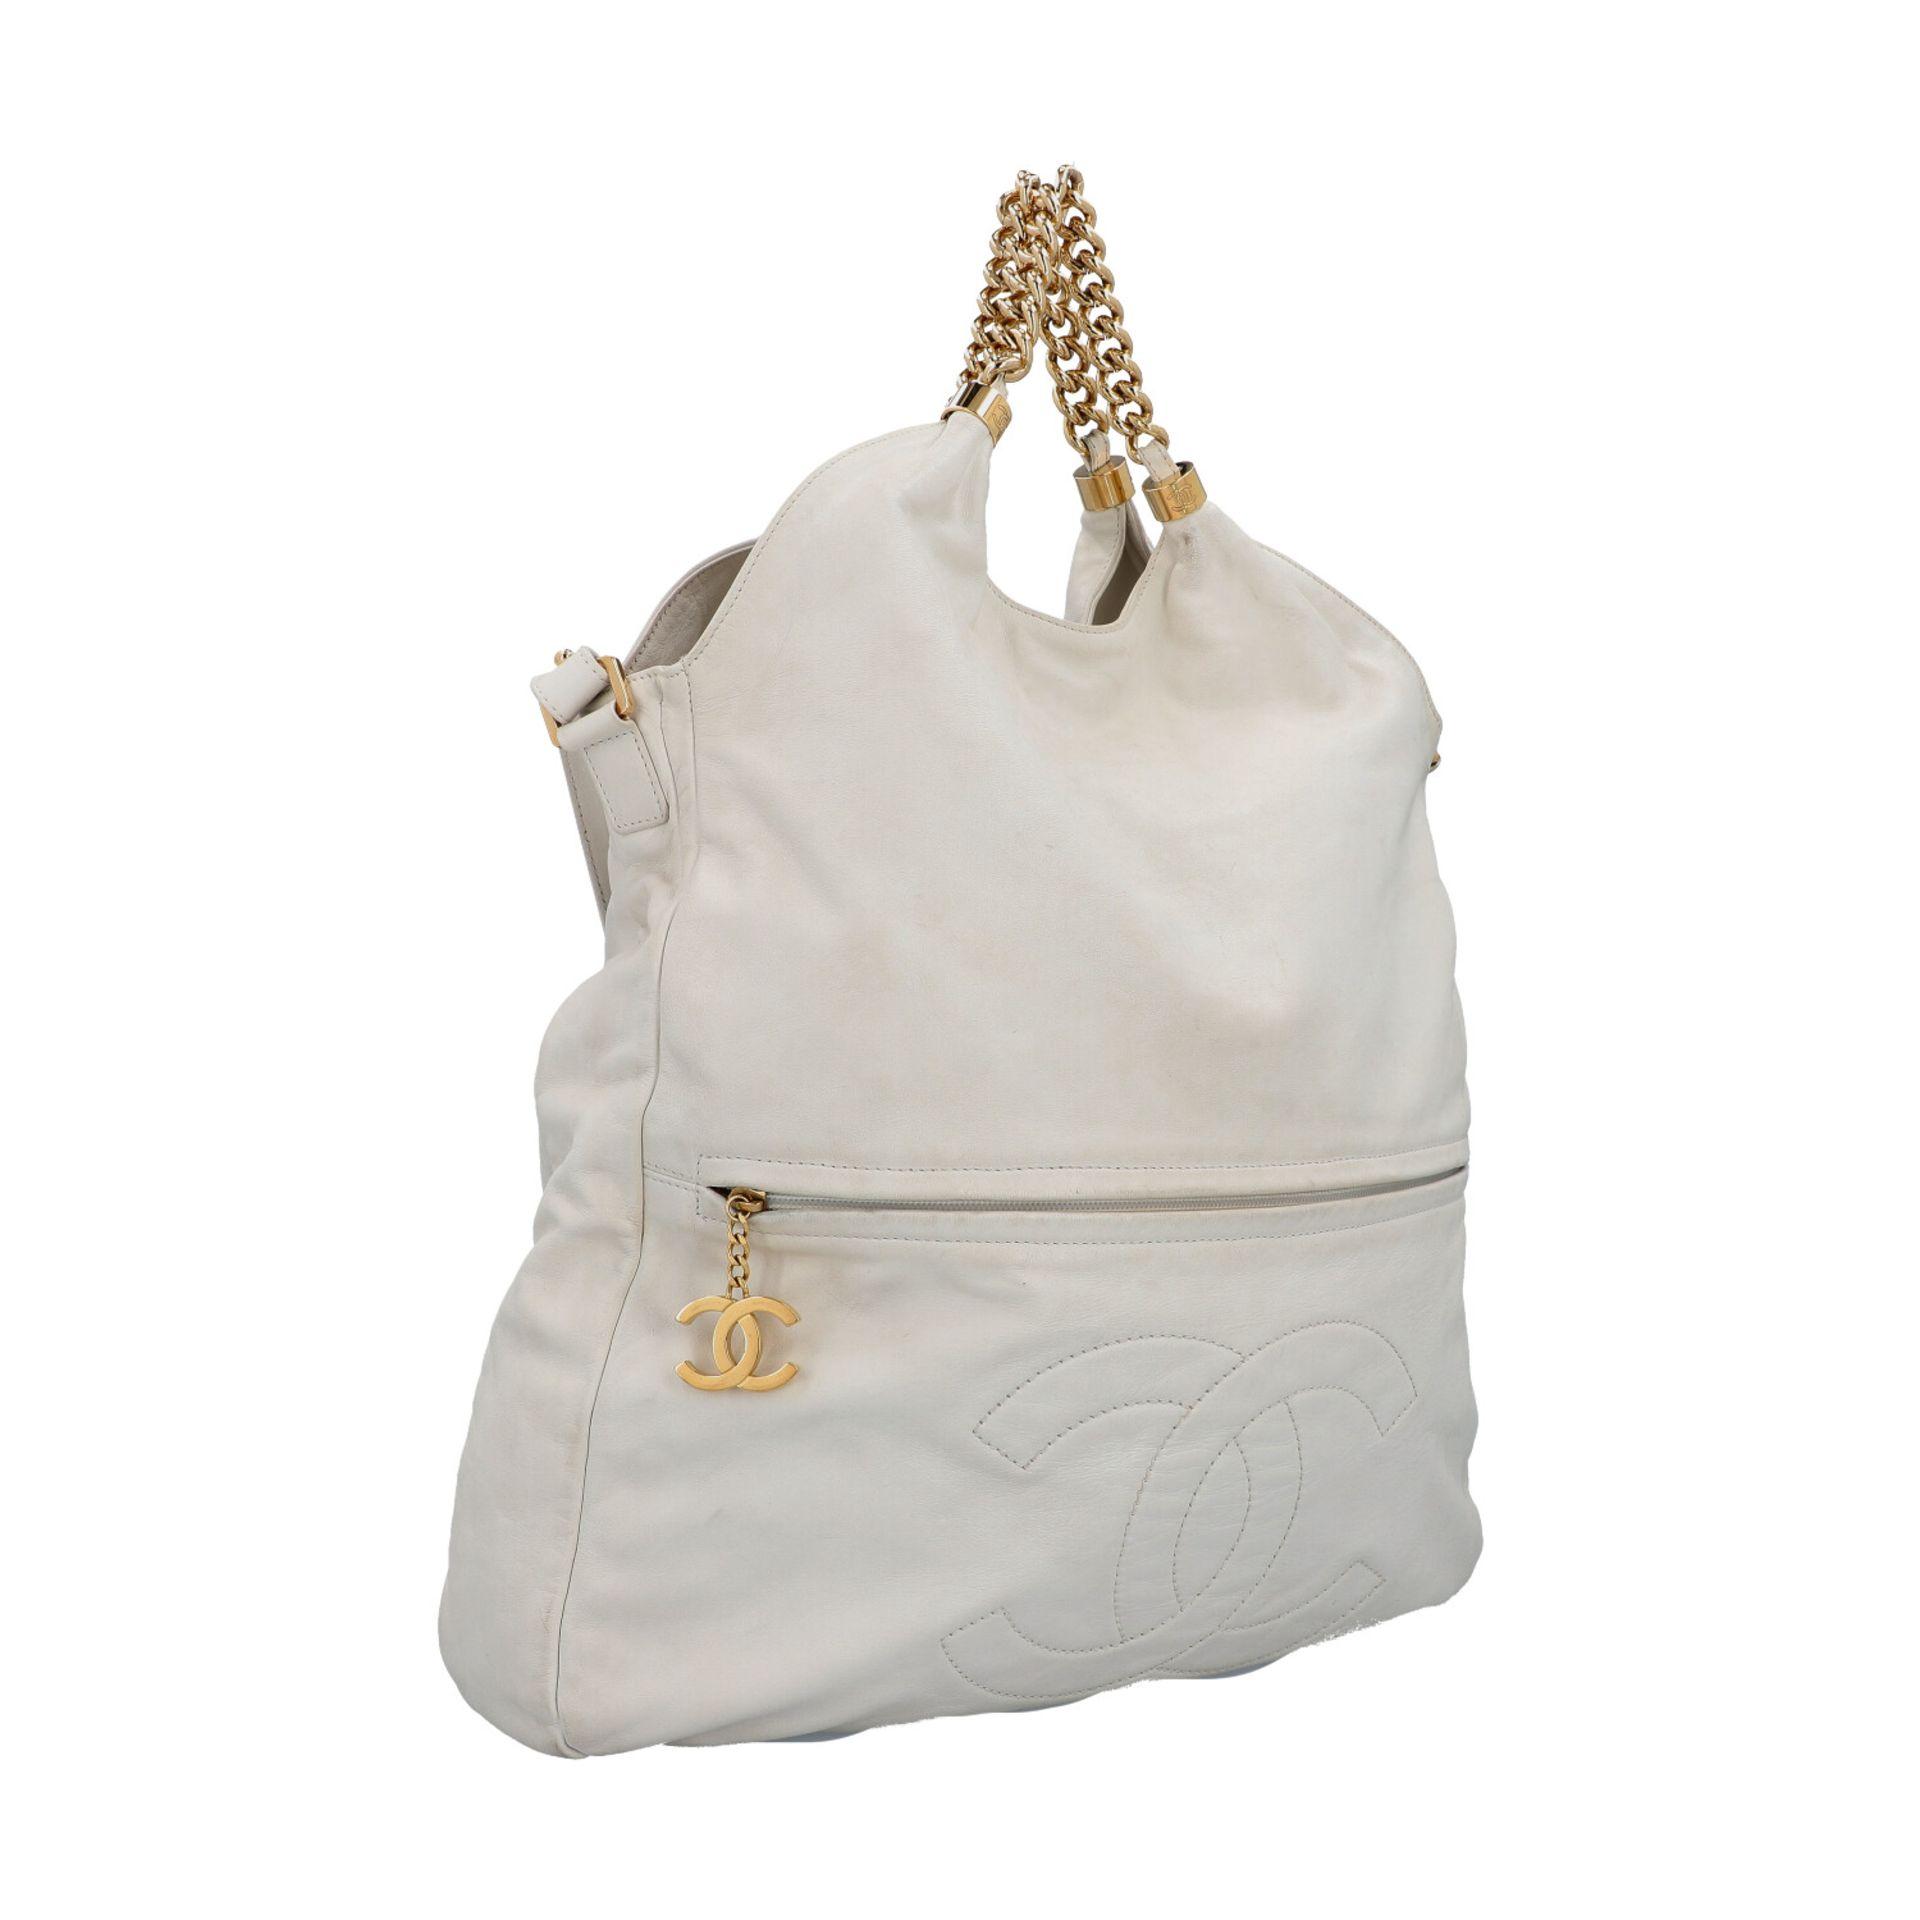 CHANEL Shoppertasche, Koll. 2006/2008.Hobo Bag aus weißem Leder mit goldfarbener Hardware, Front mit - Bild 2 aus 8